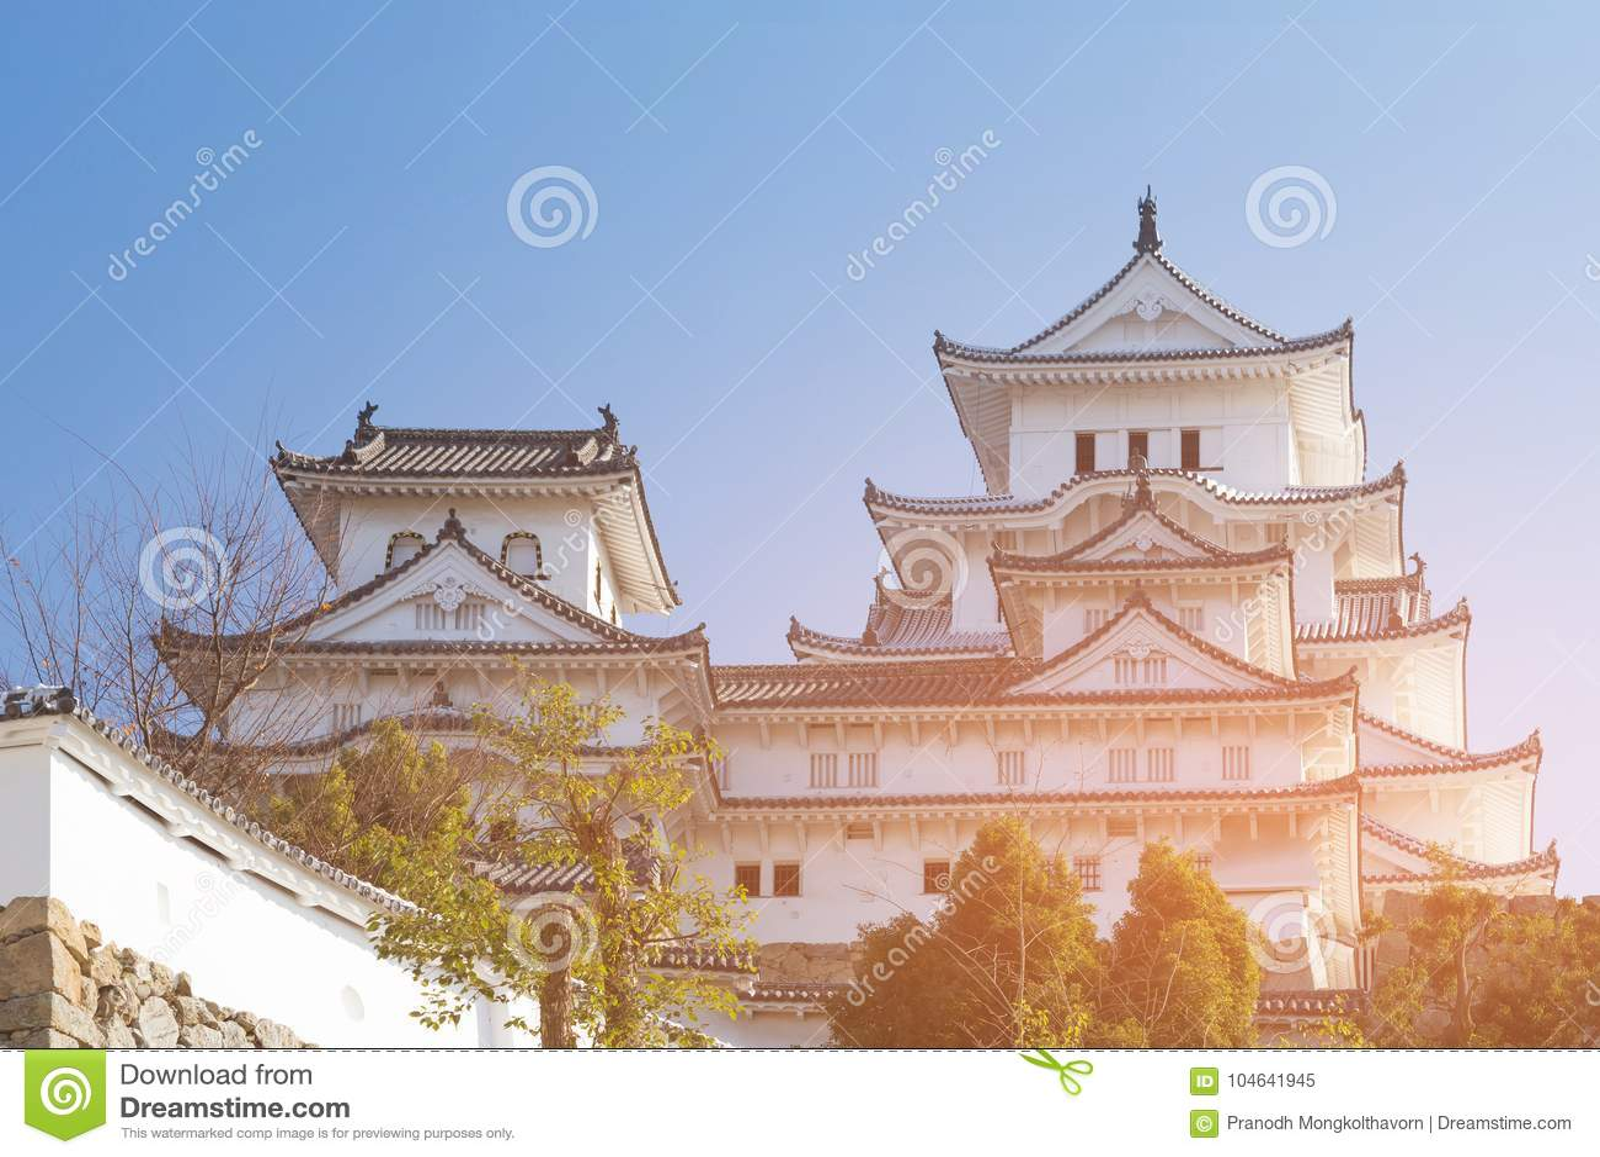 Download Het Kasteel Van Himeji Tegen Duidelijke Blauwe Hemelachtergrond Stock Afbeelding - Afbeelding bestaande uit achtergrond, keizer: 104641945